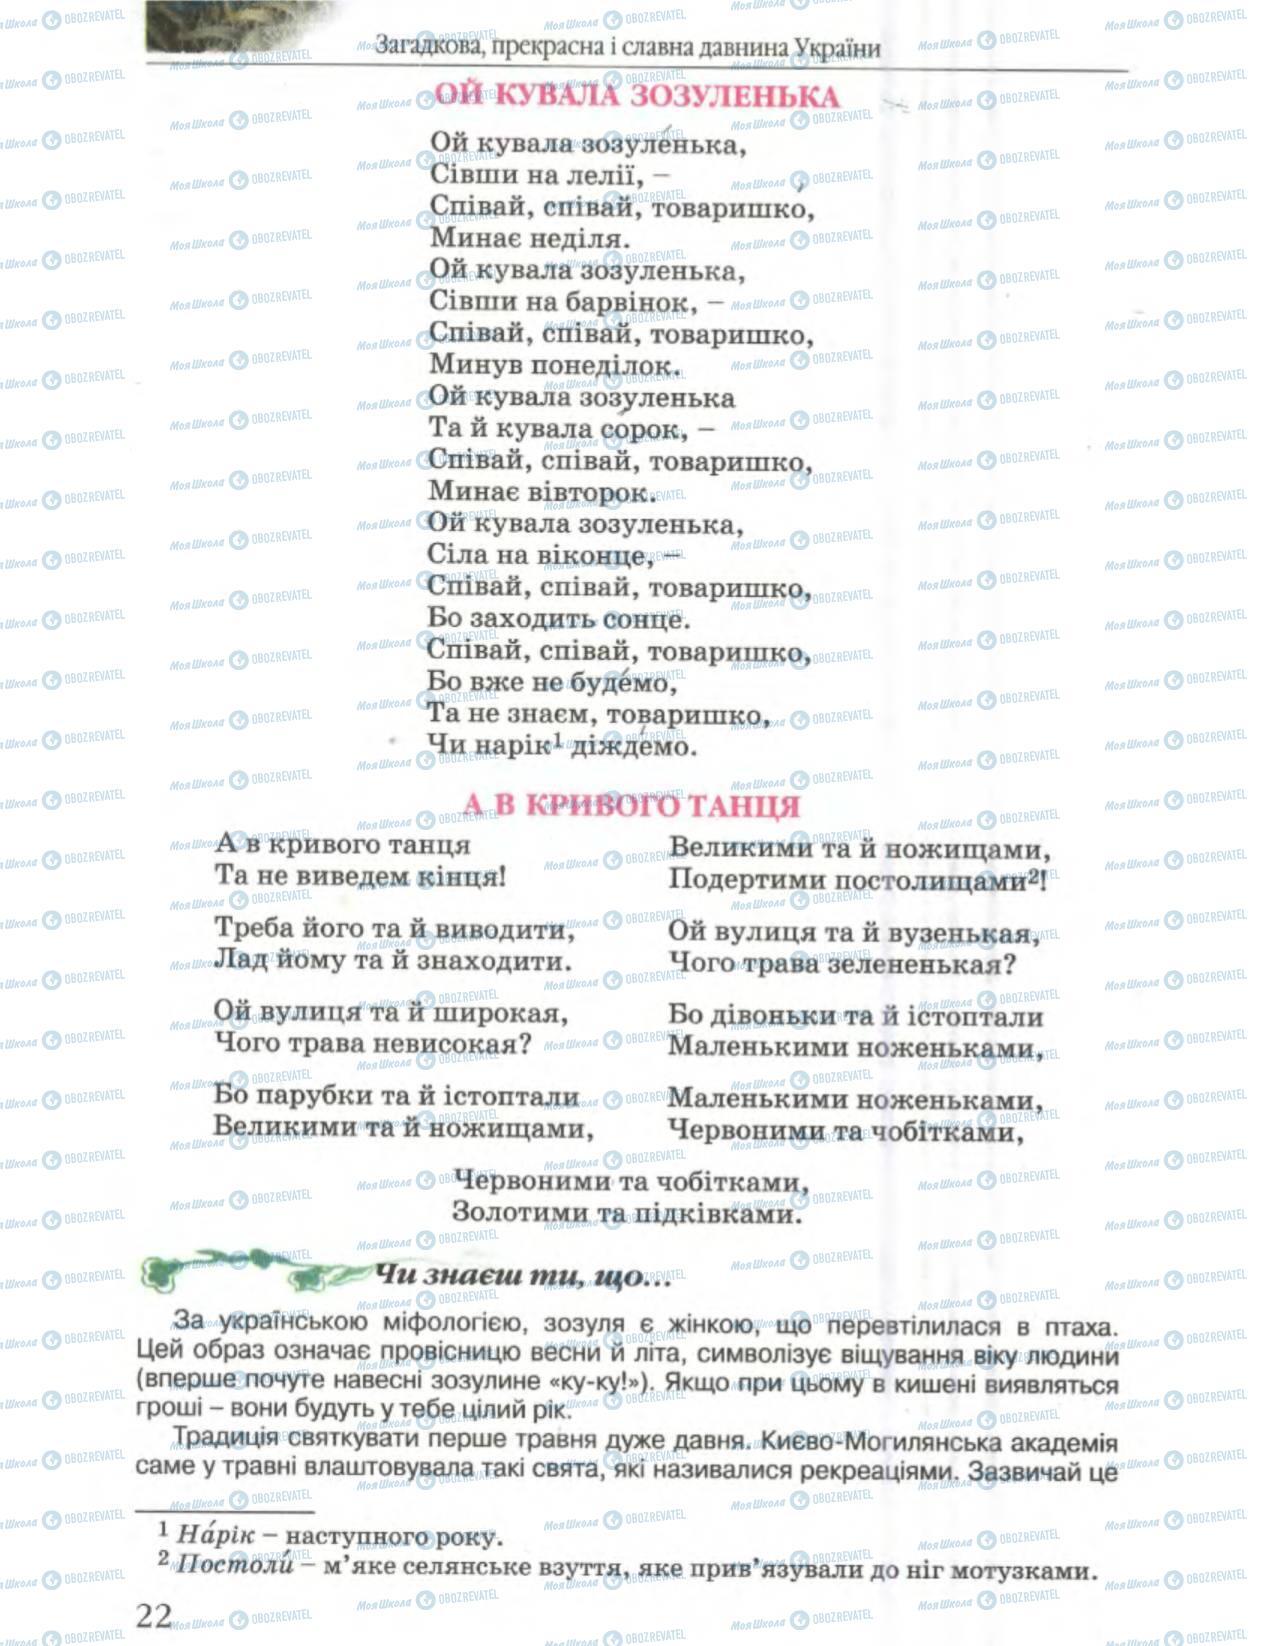 Підручники Українська література 6 клас сторінка 22